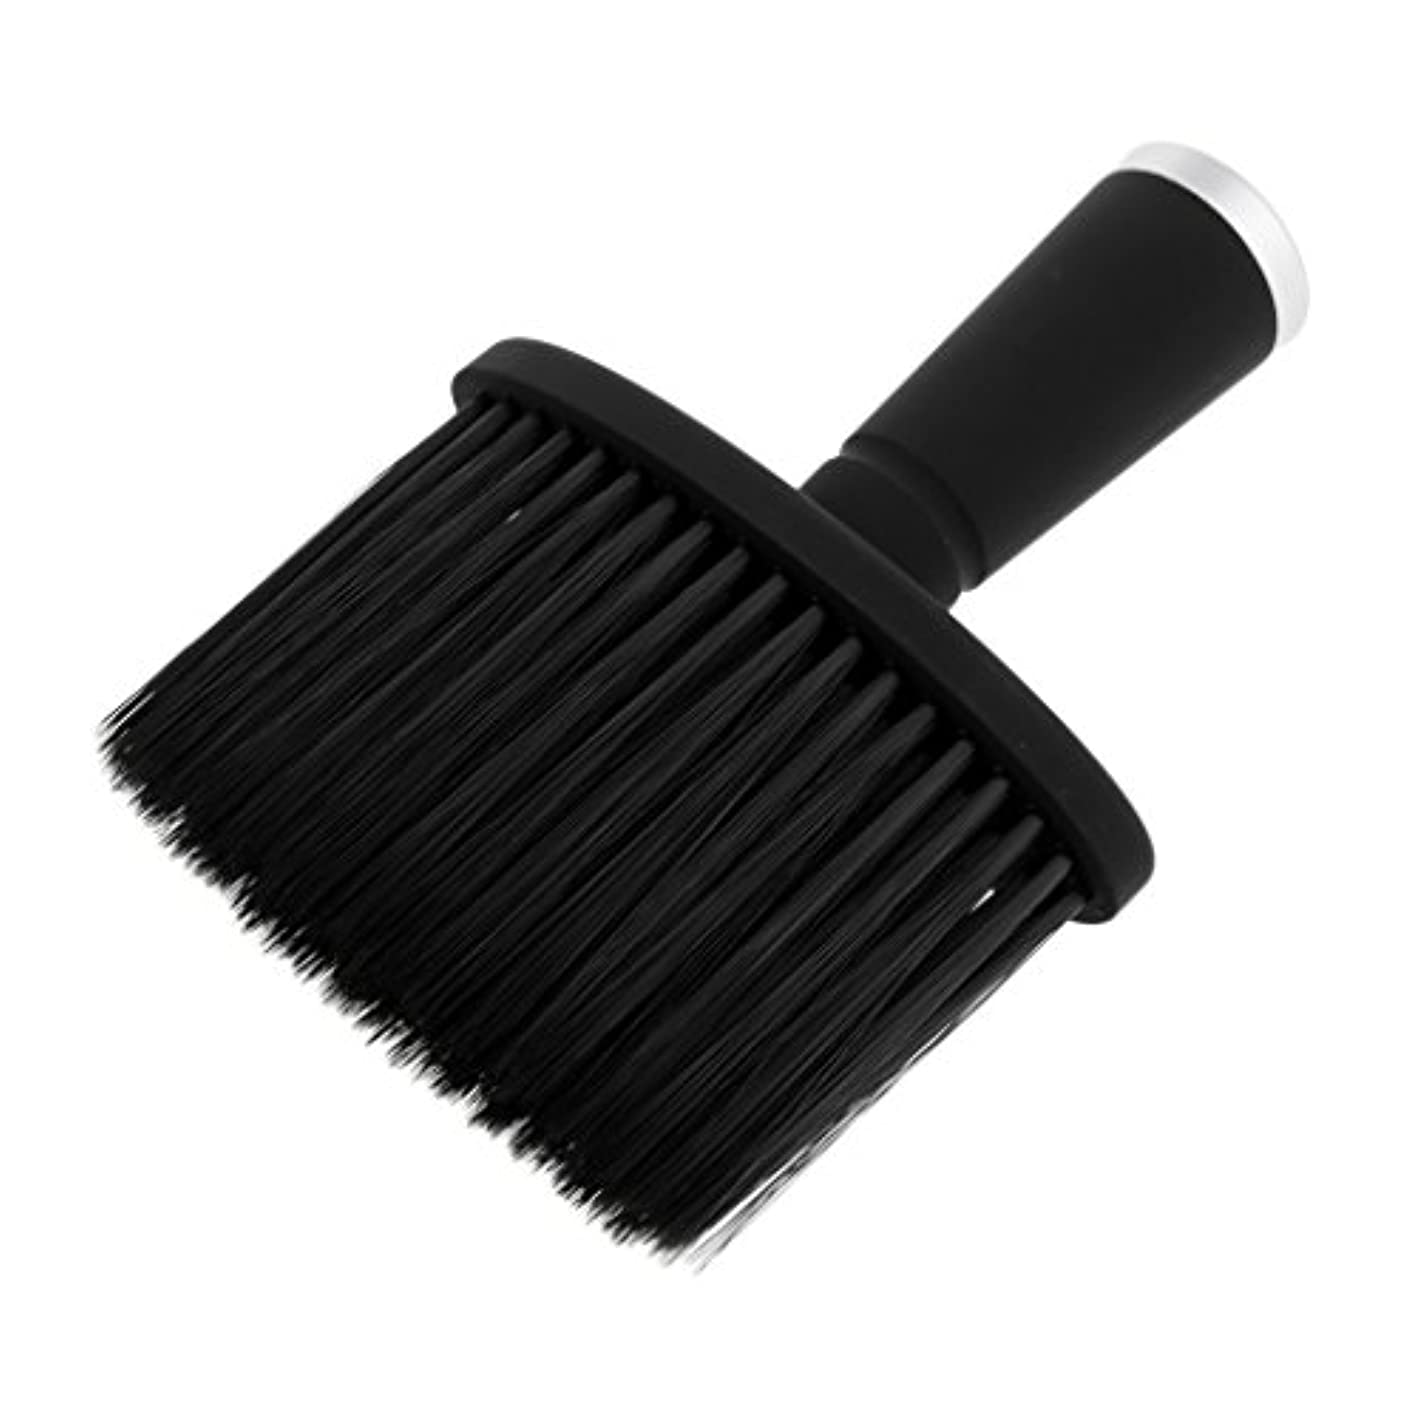 ツイン心理学創造大広間のスタイリストの理髪師の毛の切断の構造用具のための柔らかい首の塵払いのブラシ - 銀